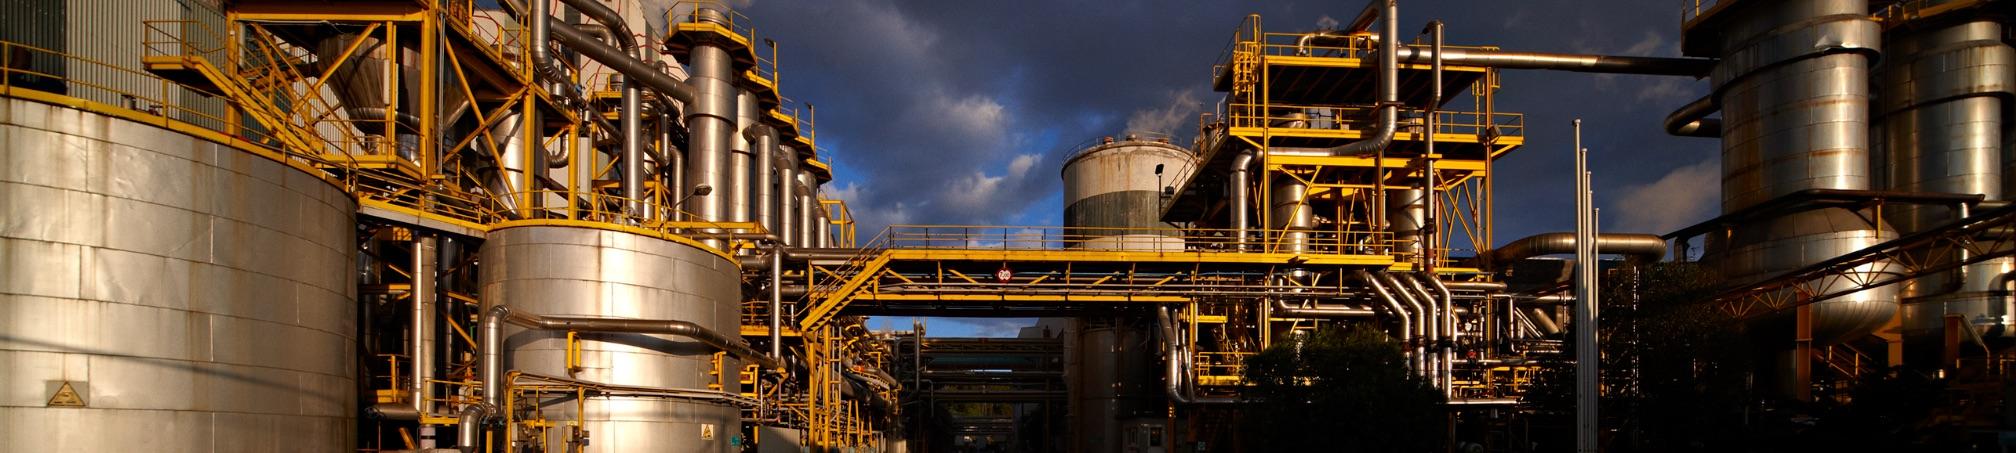 Instalaciones-industriales-ANSI